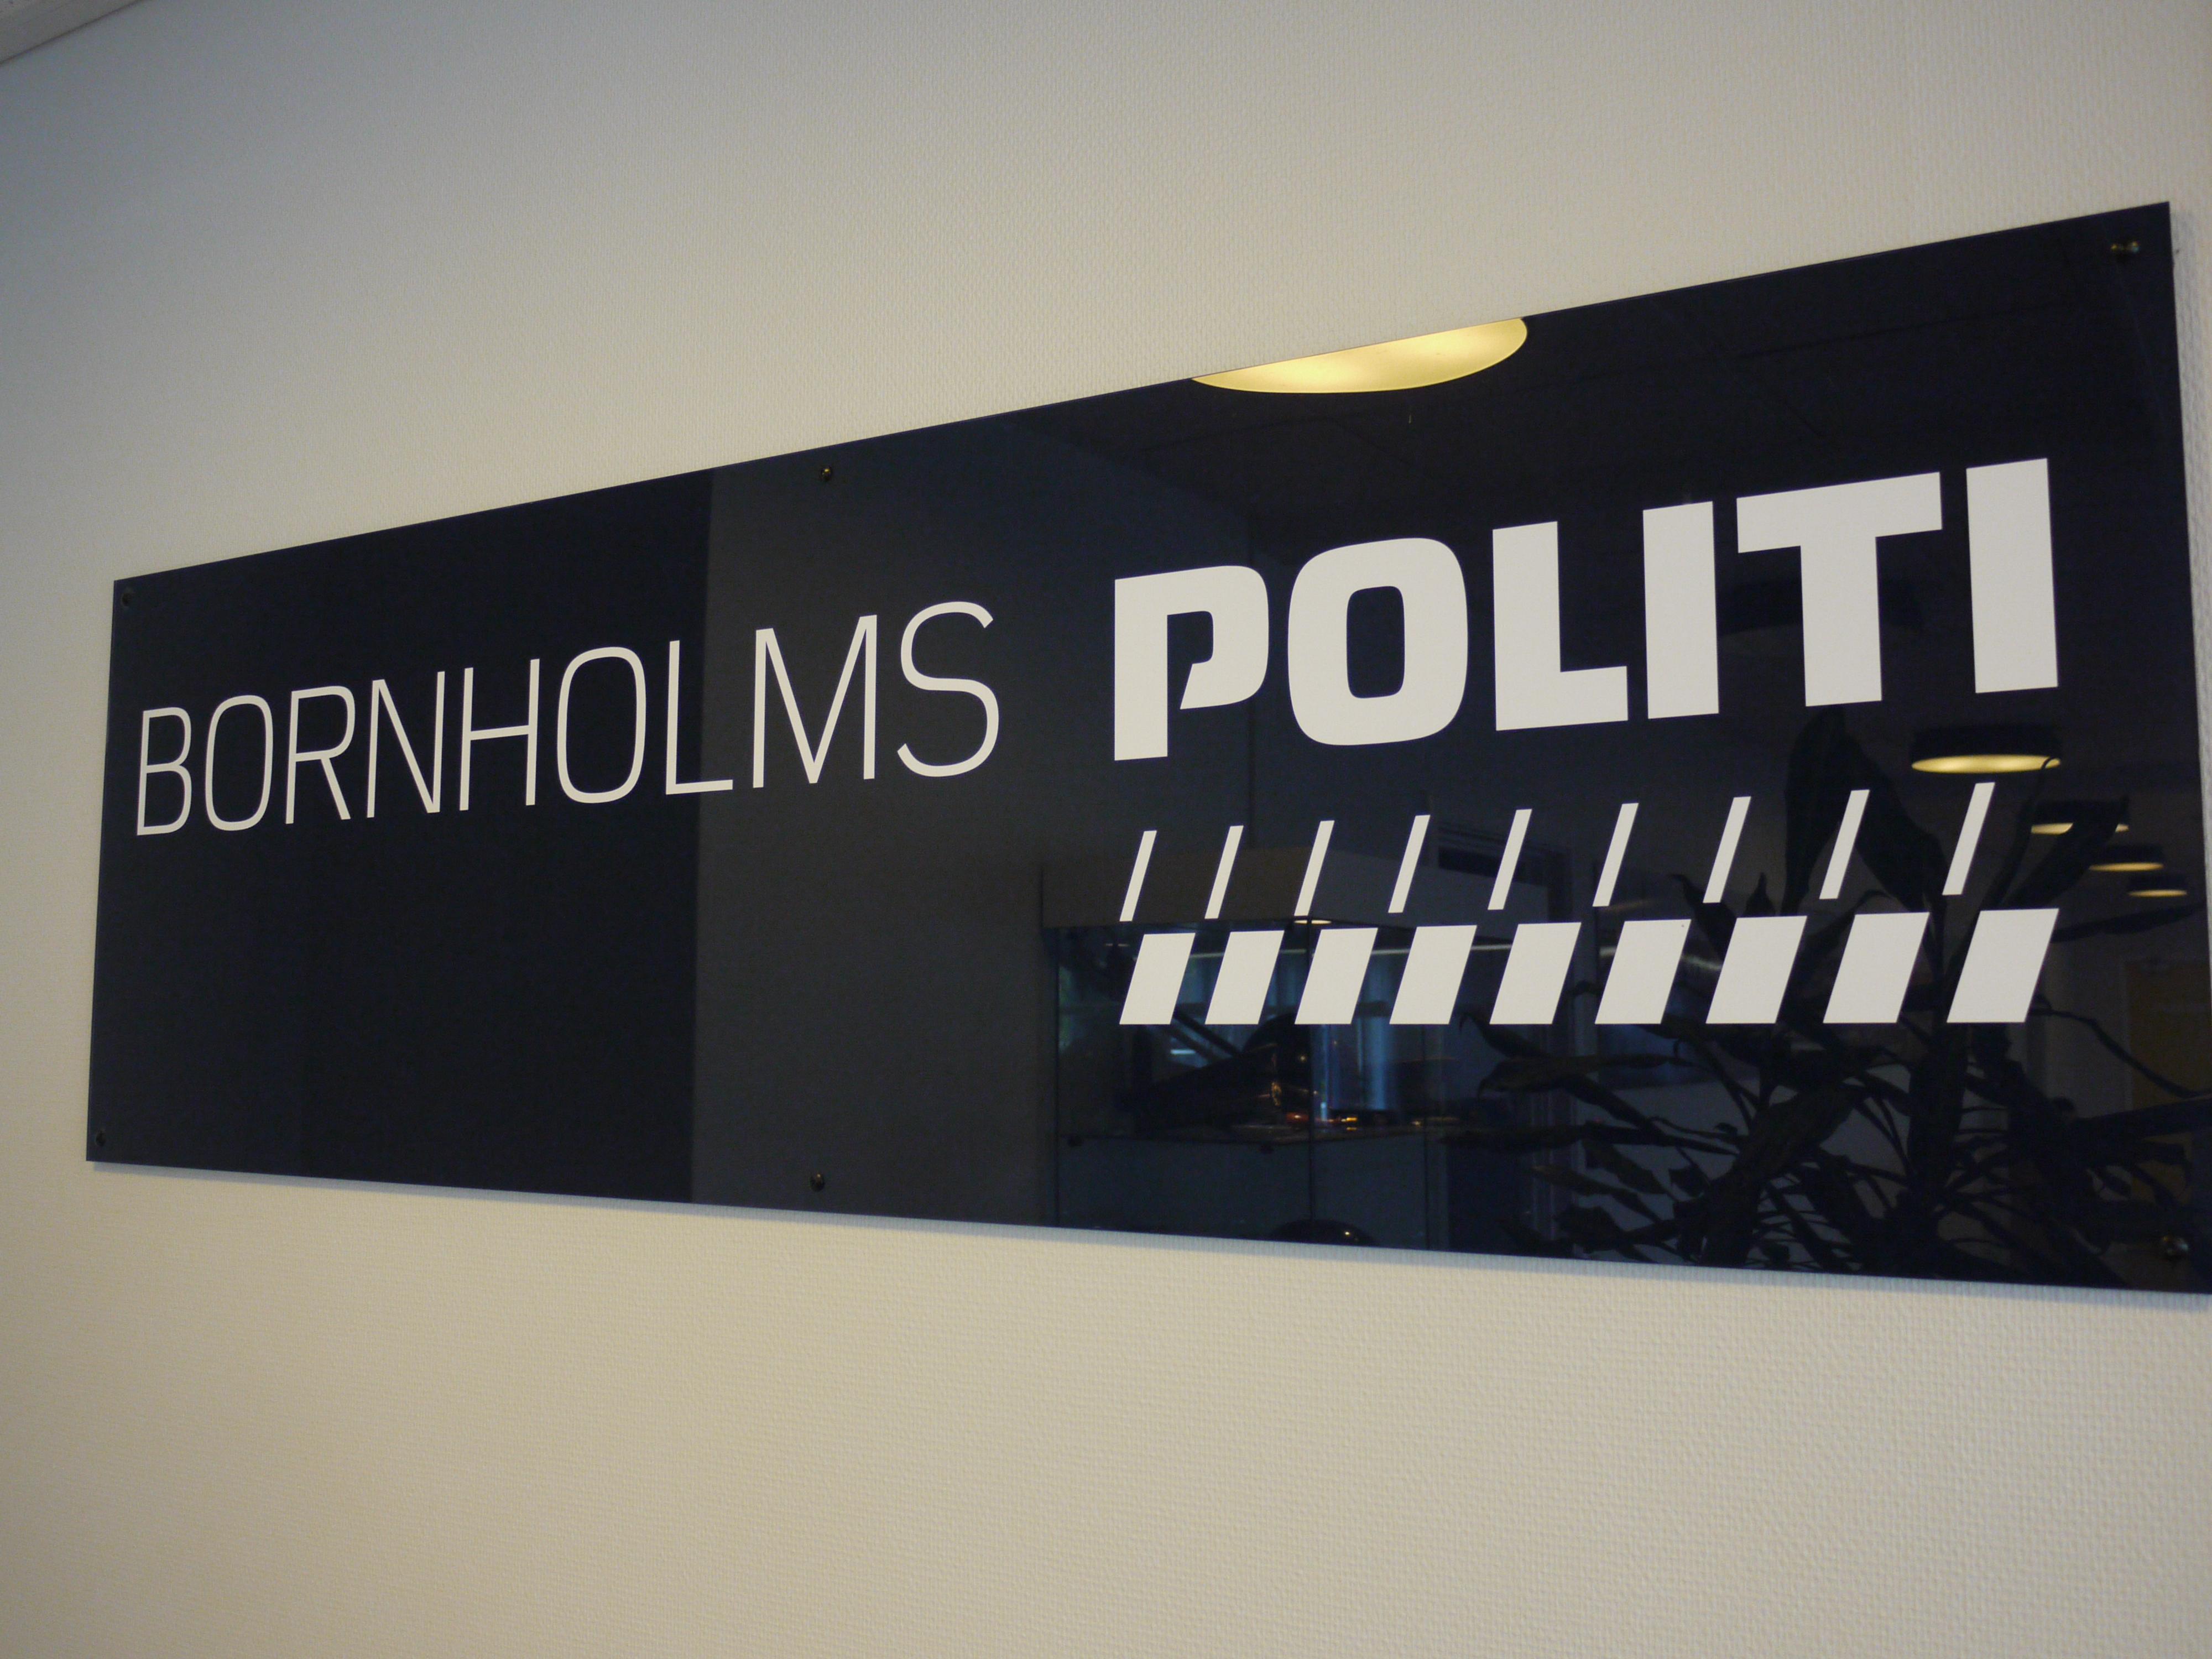 Bornholms Politi